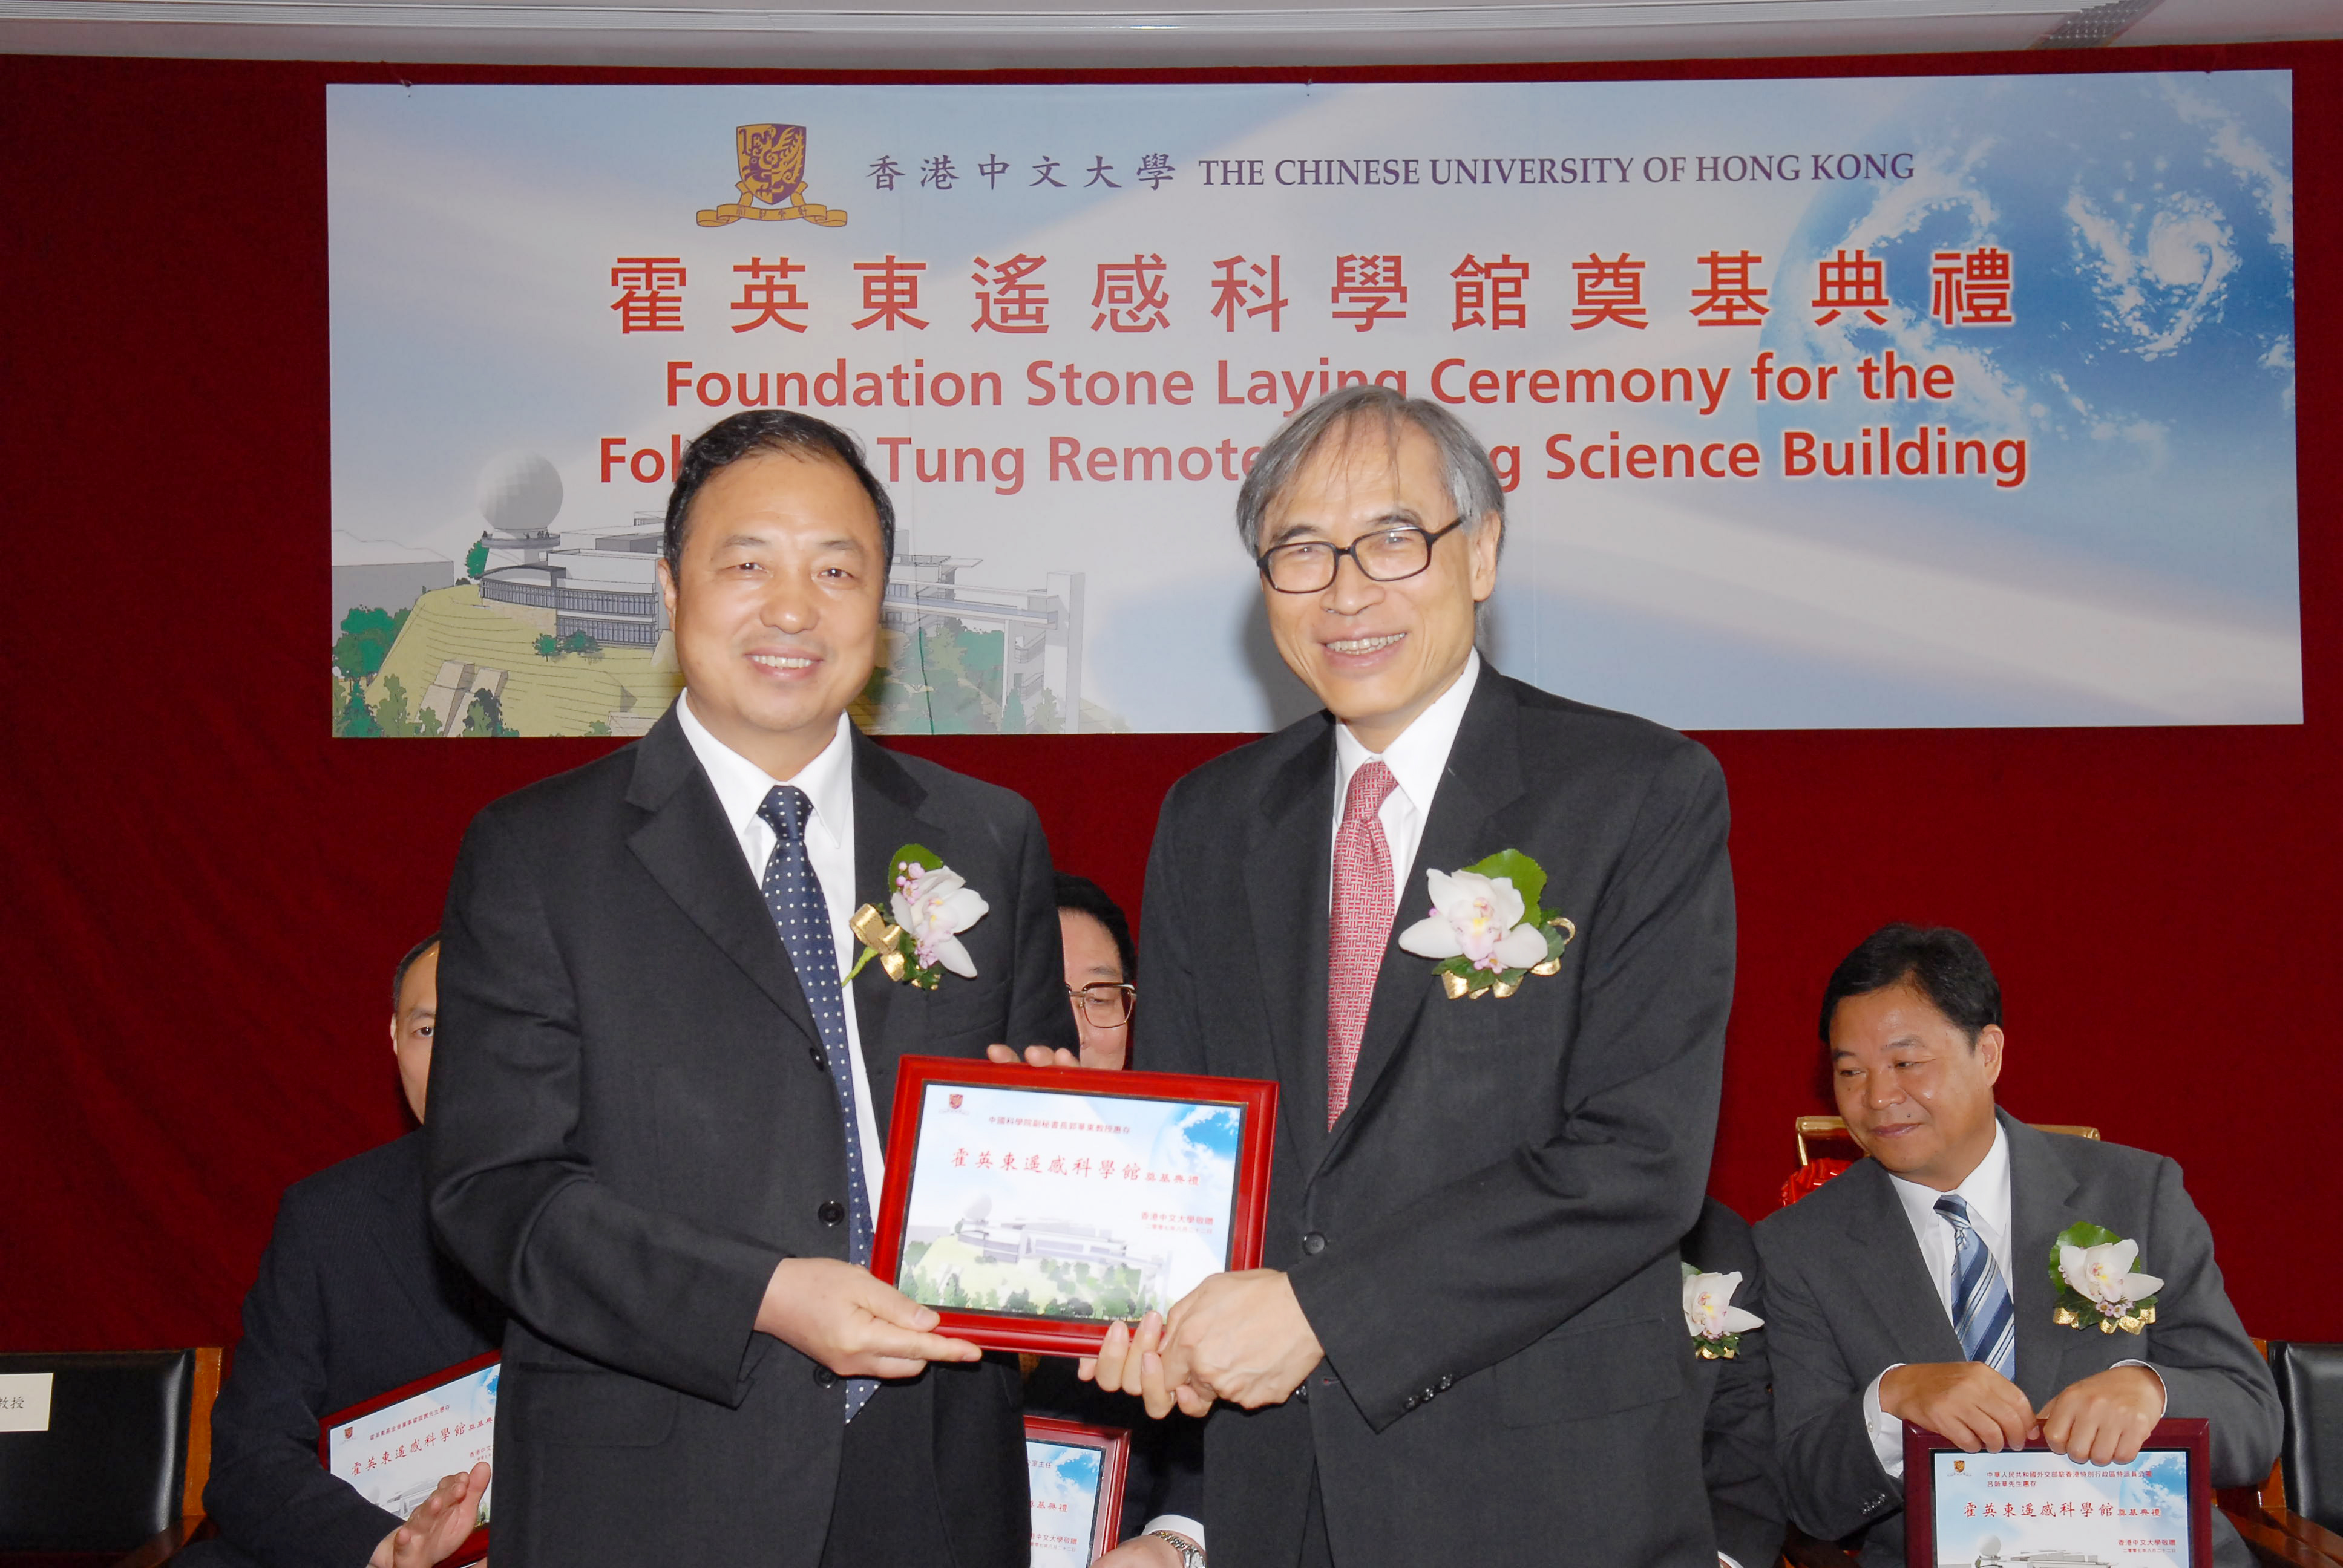 劉遵義教授致送紀念品予中國科學院副秘書長郭華東教授